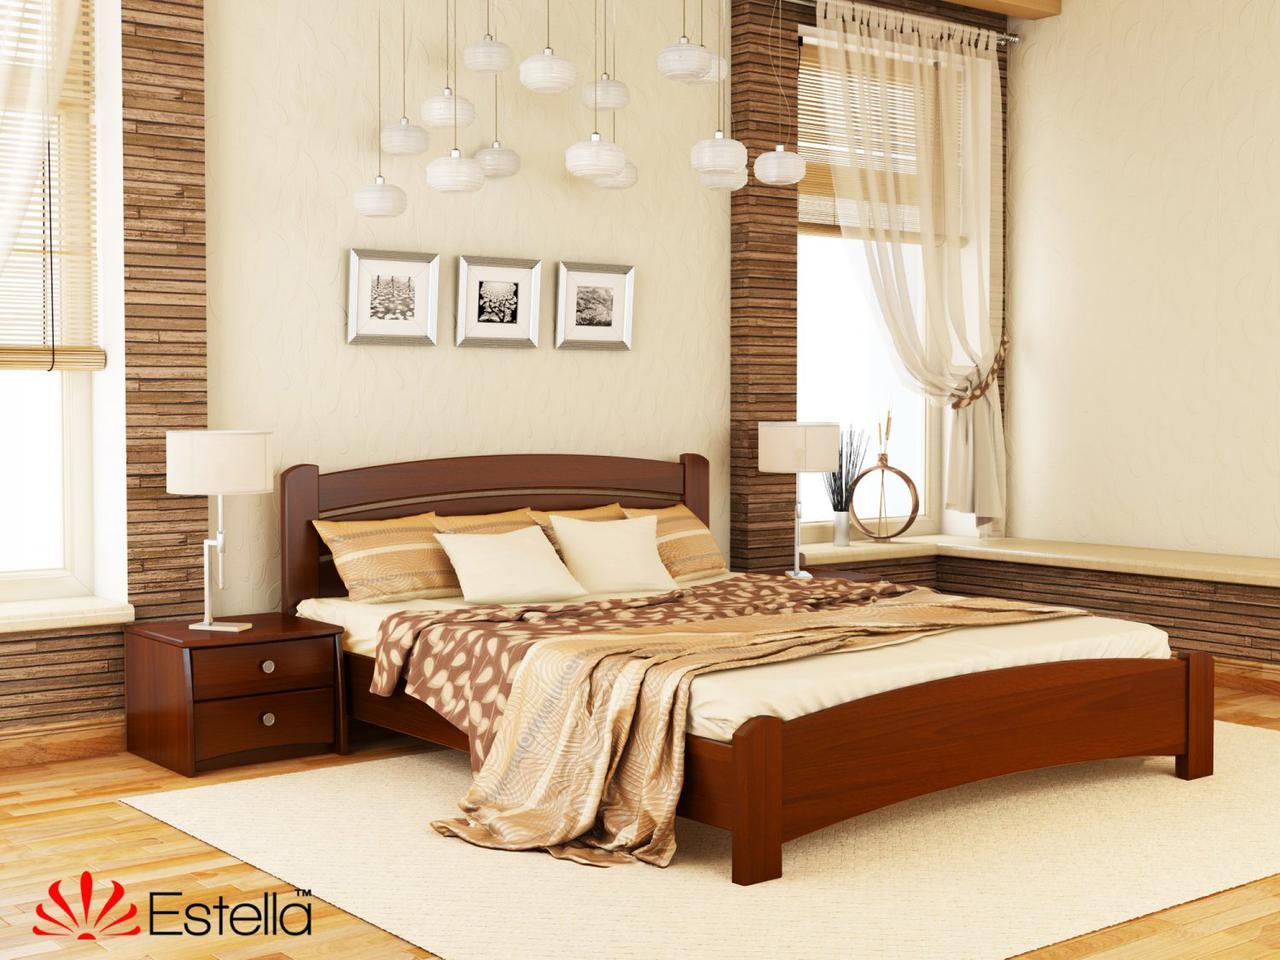 Кровать Венеция-Люкс 120х200 108 Масив 2Л4 Эстелла